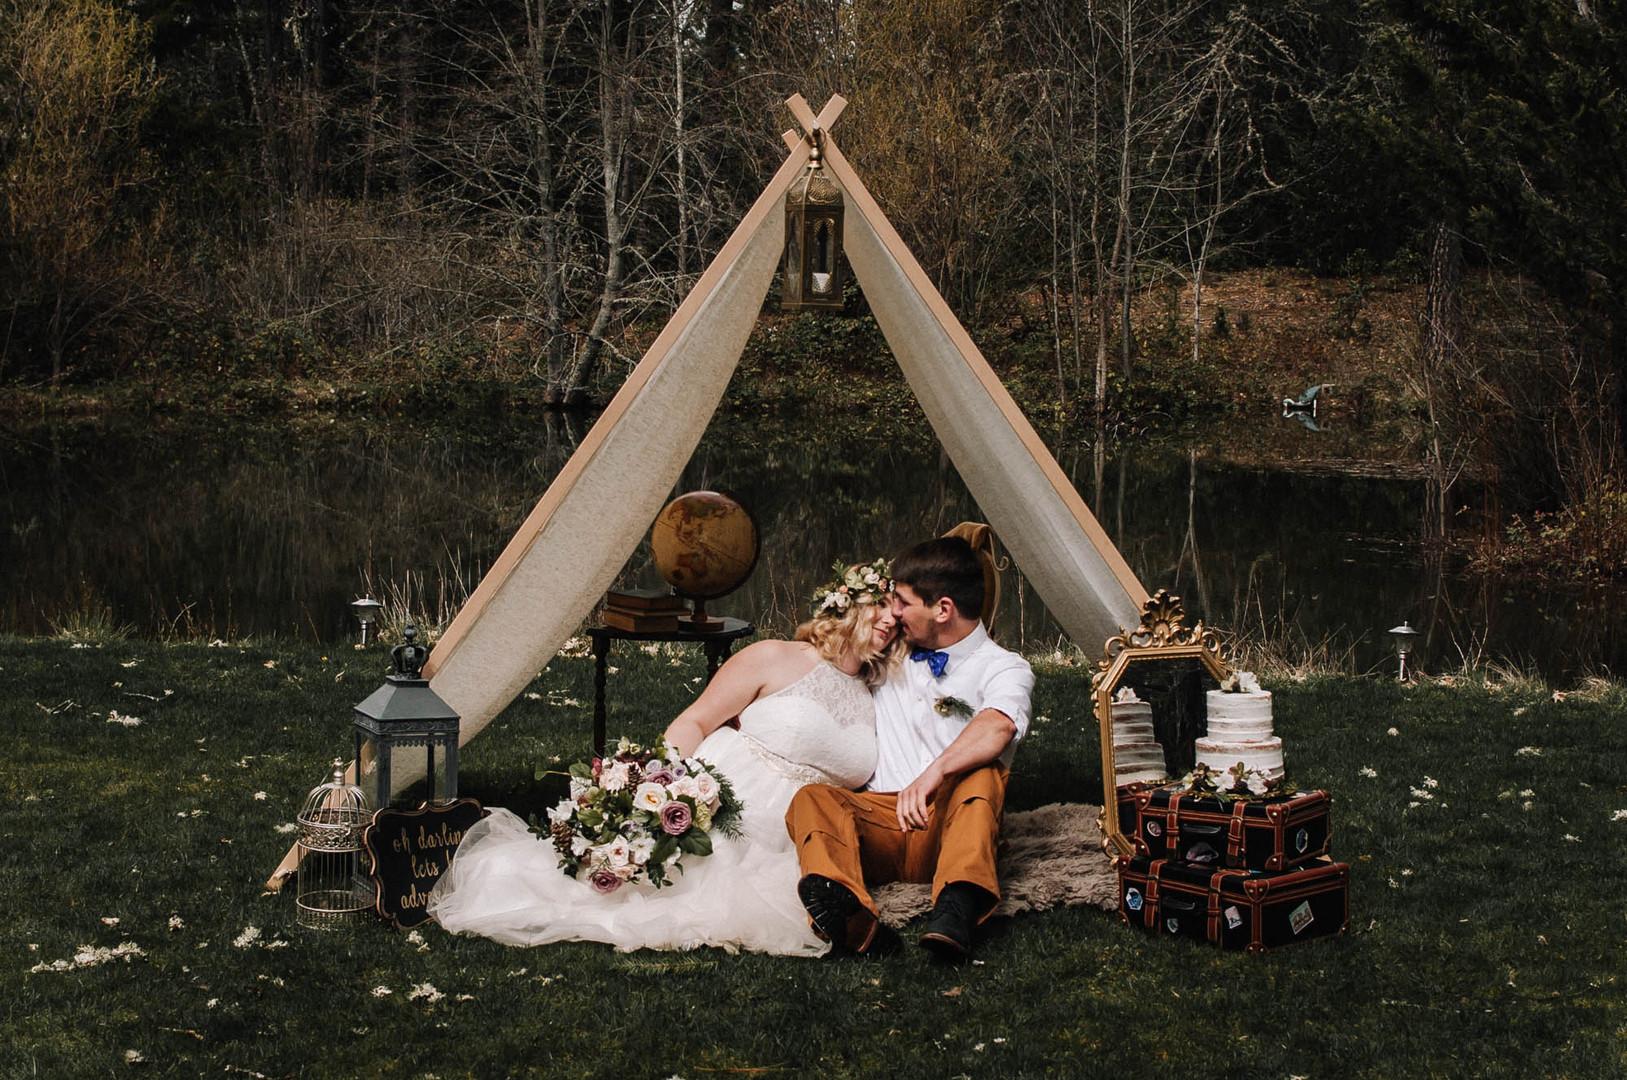 bröllop+elopement+bohemiskt+tält